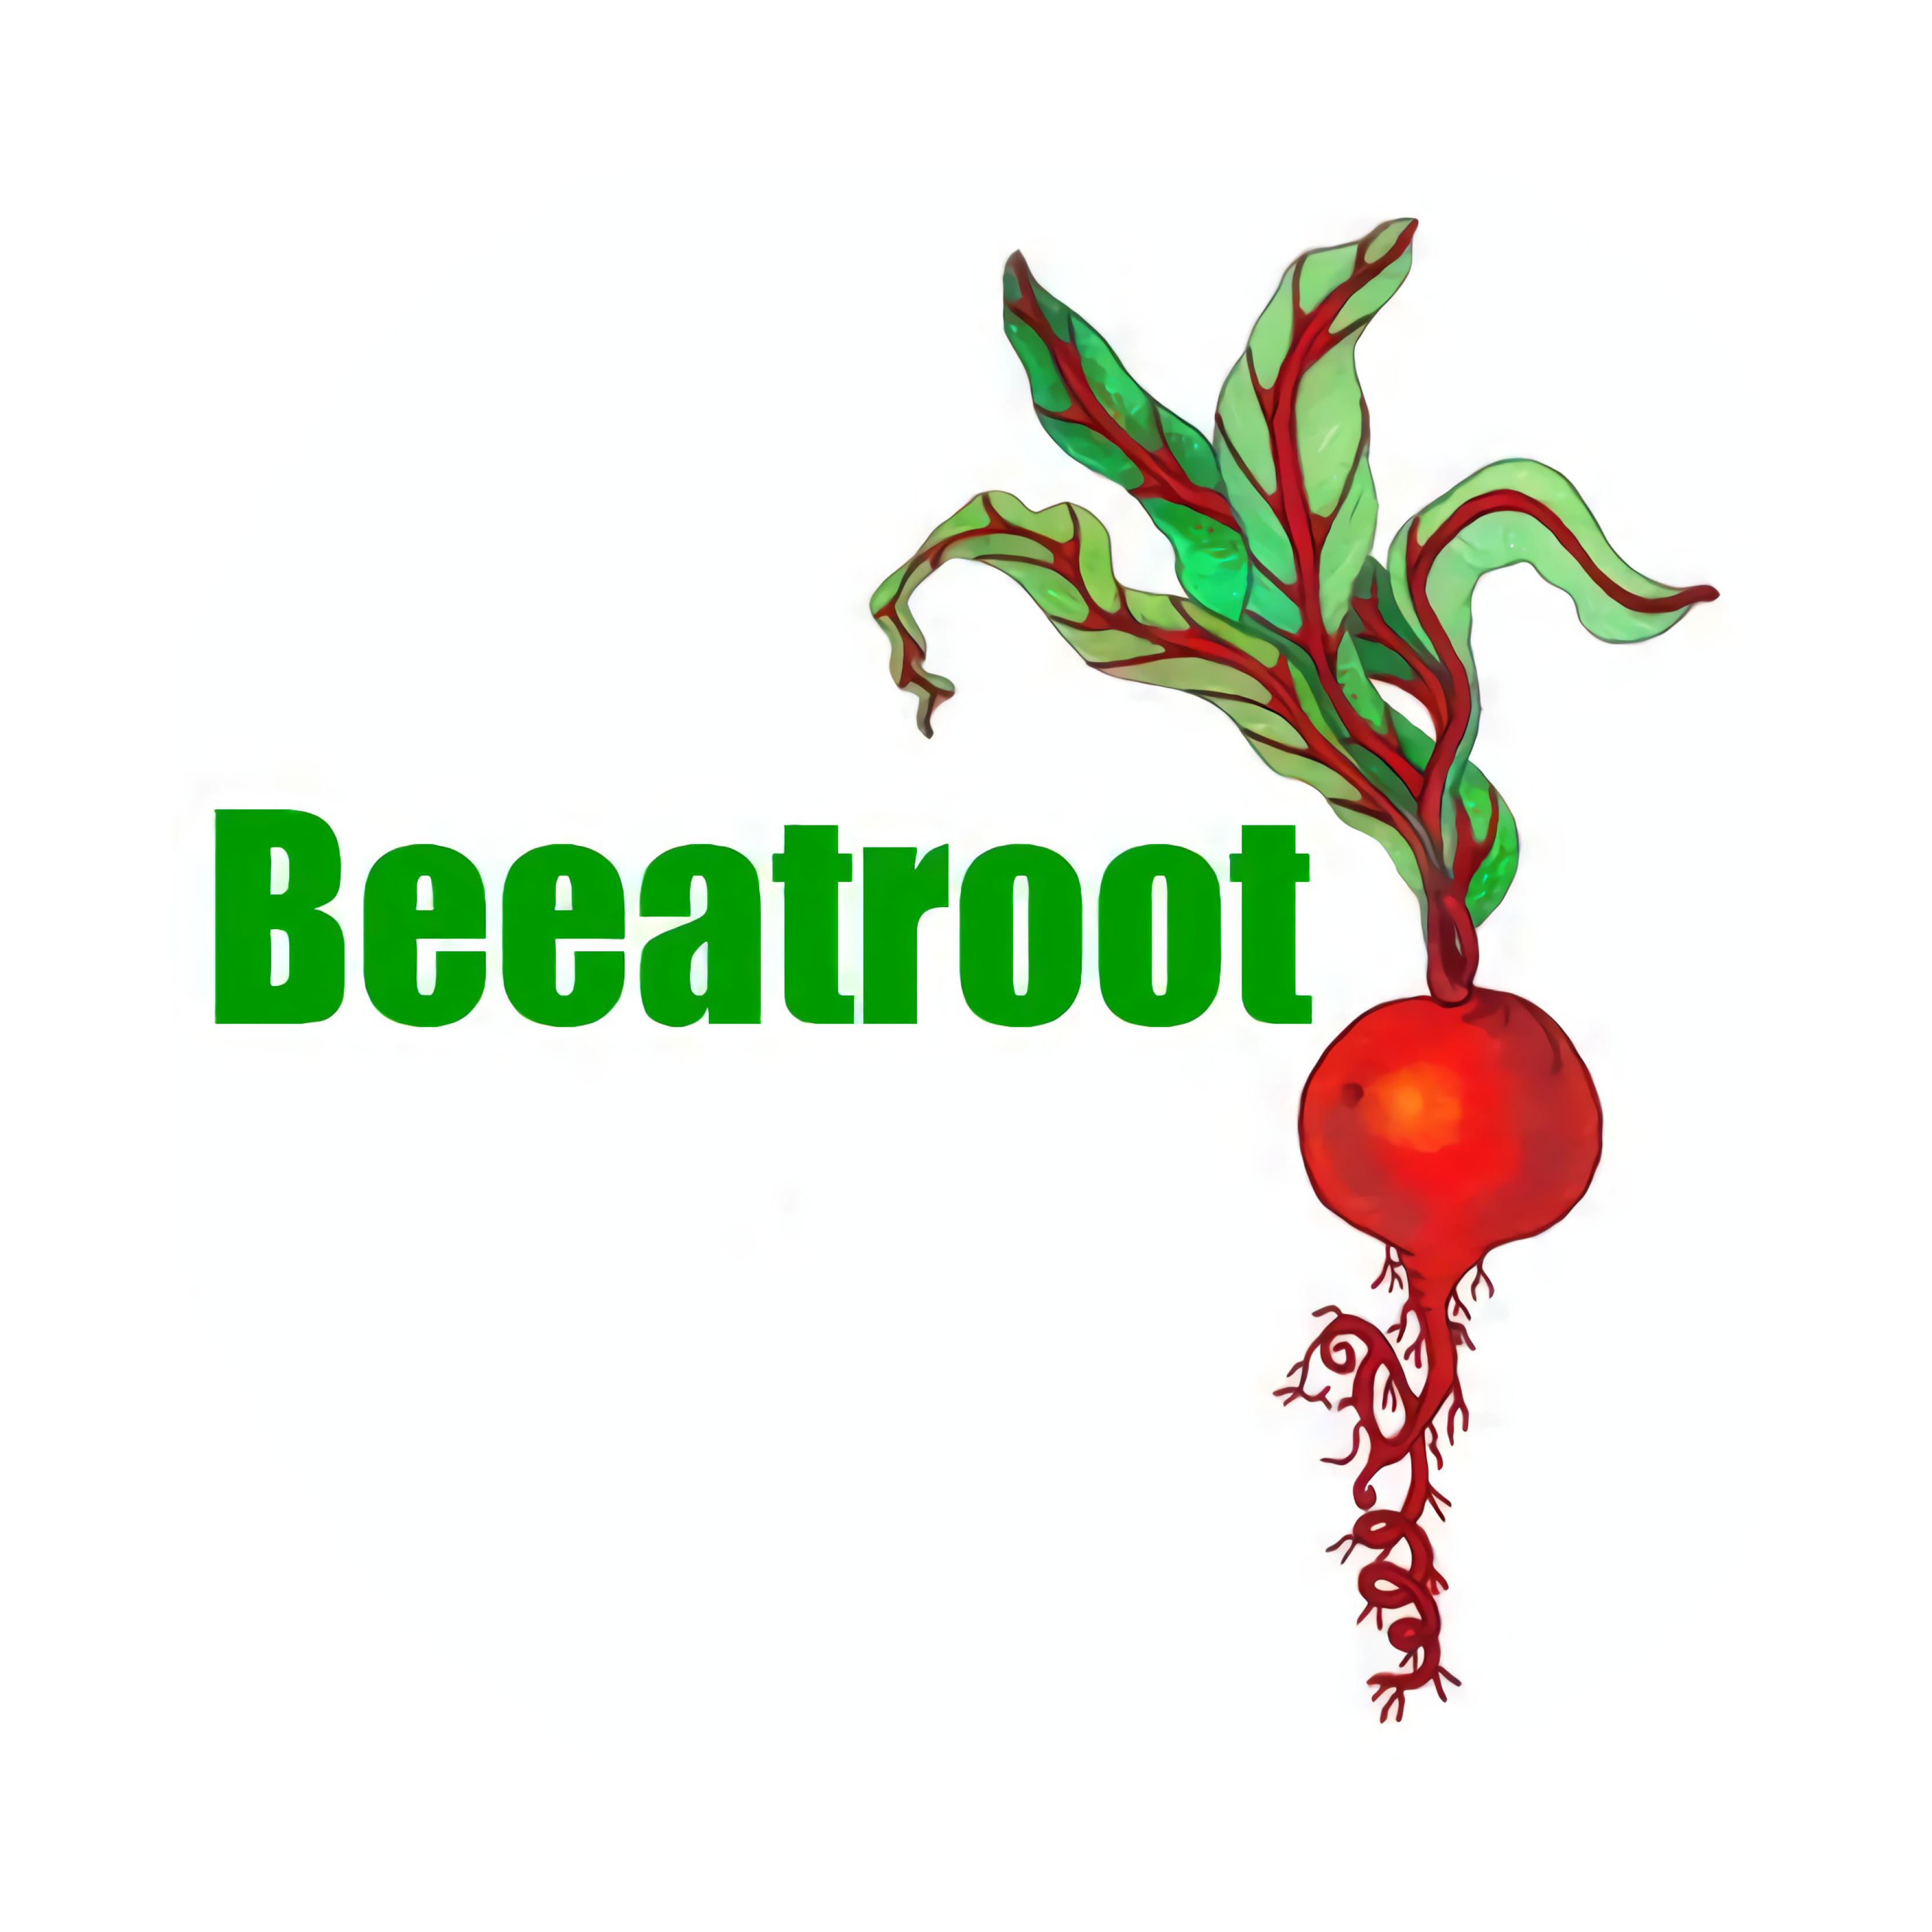 Beeatroot